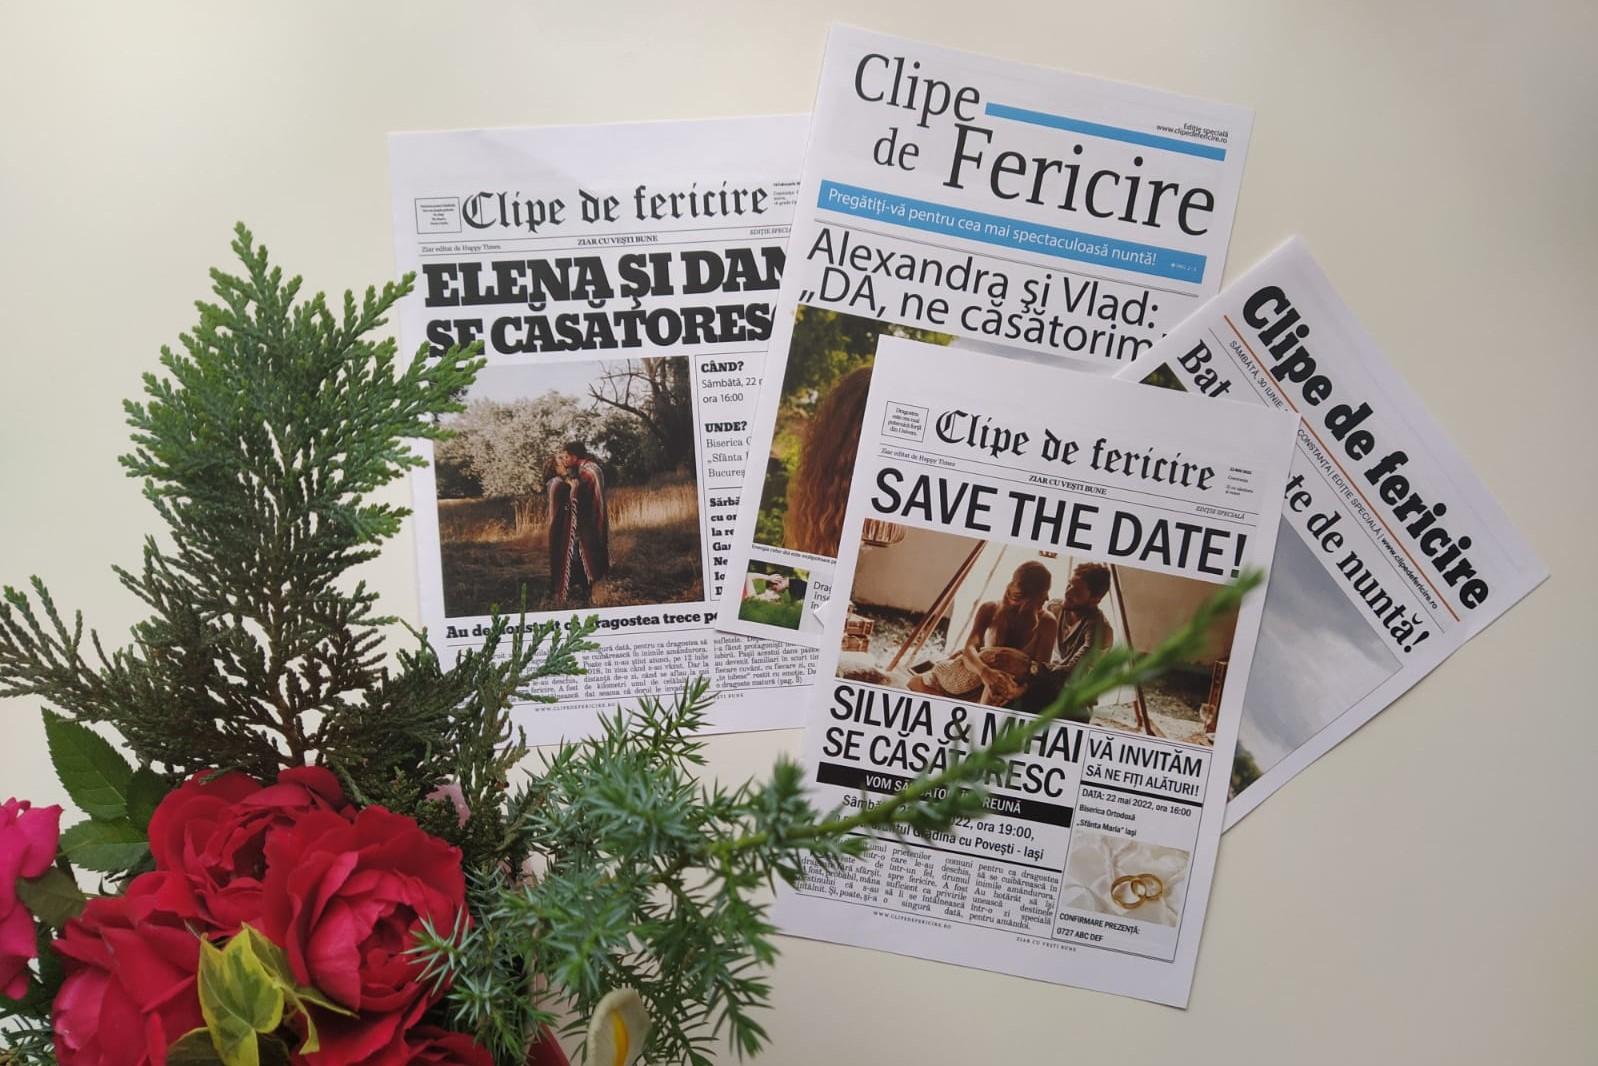 Cei dragi primesc vestea nunţii prin intermediul unui ziar, în locul banalei invitaţii.